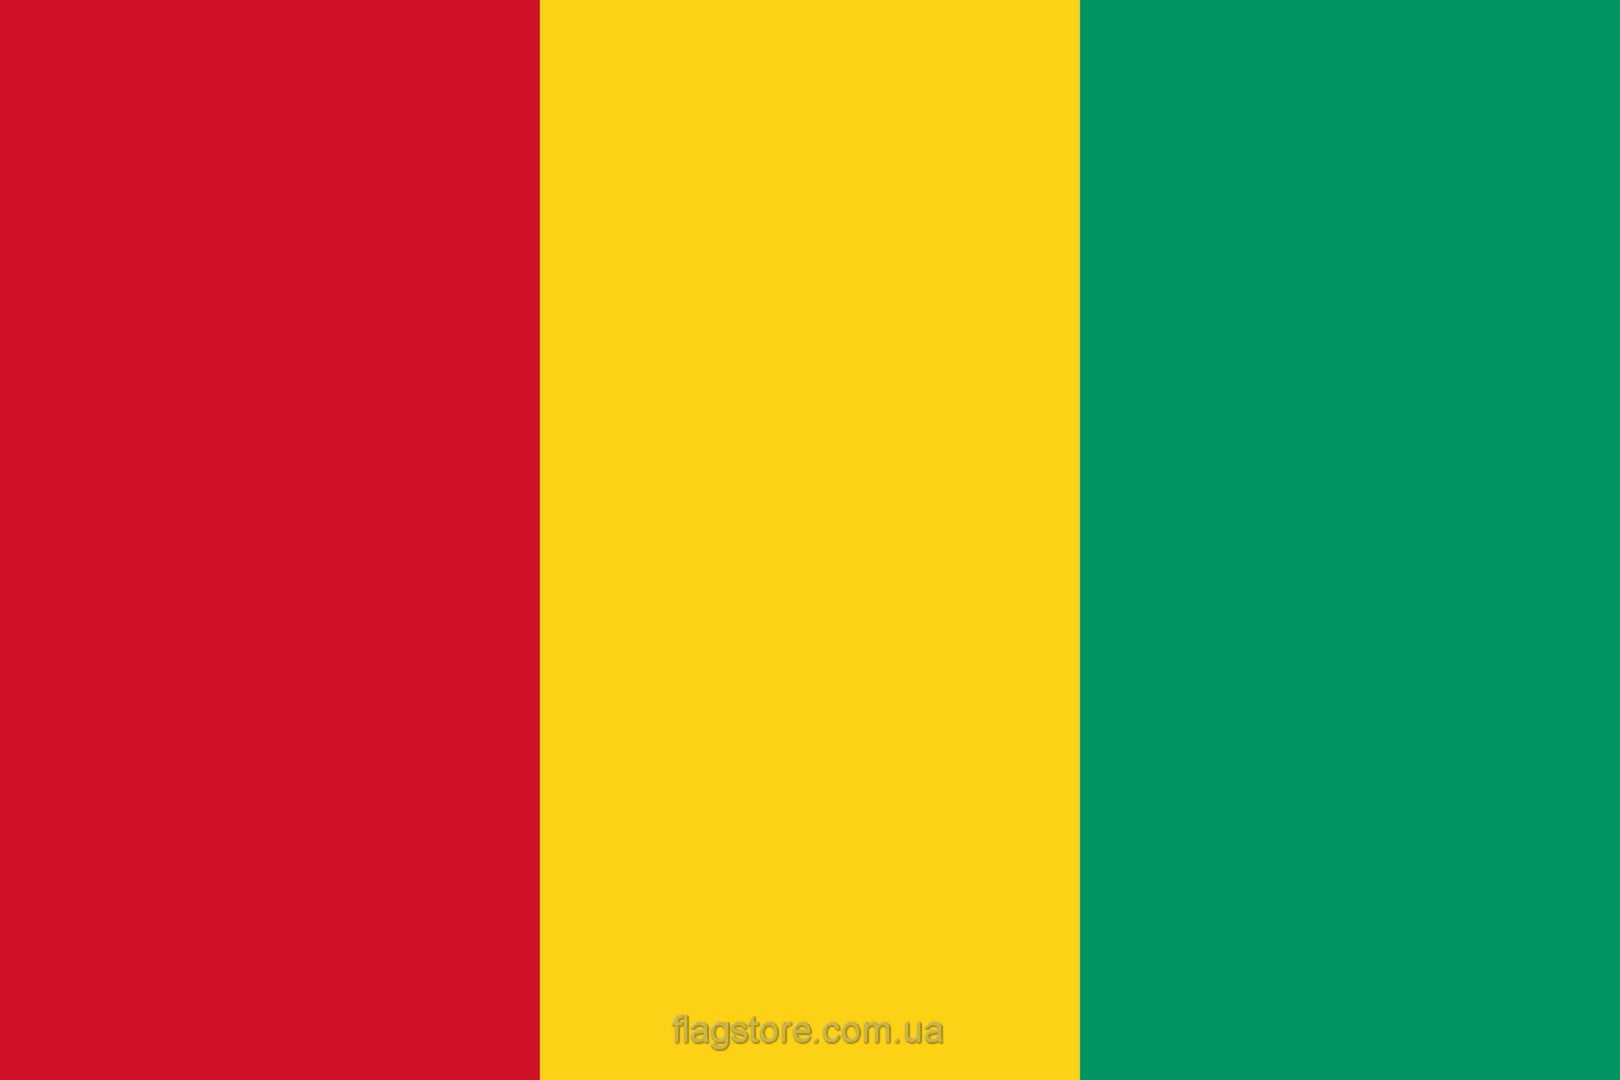 Купить флаг Гвинеи (страны Гвинея)